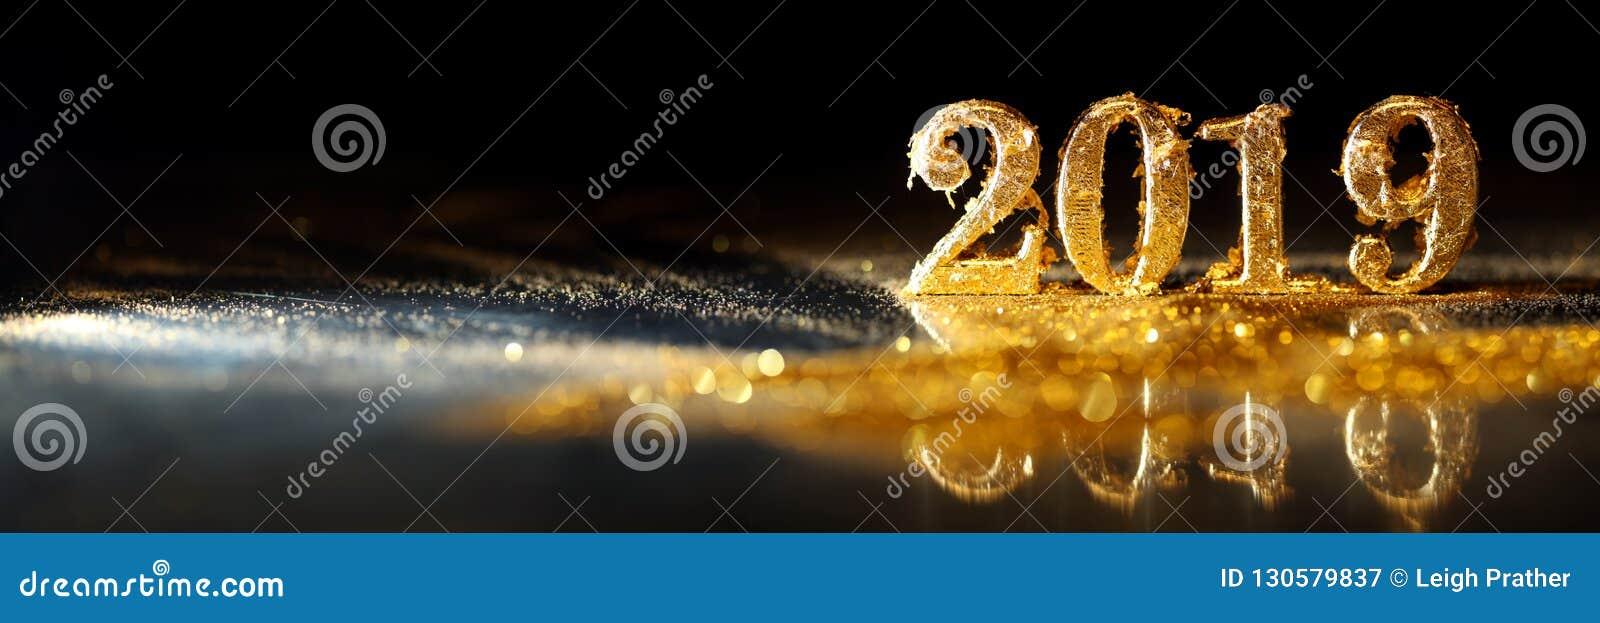 2019 nei numeri dell oro che celebrano il nuovo anno